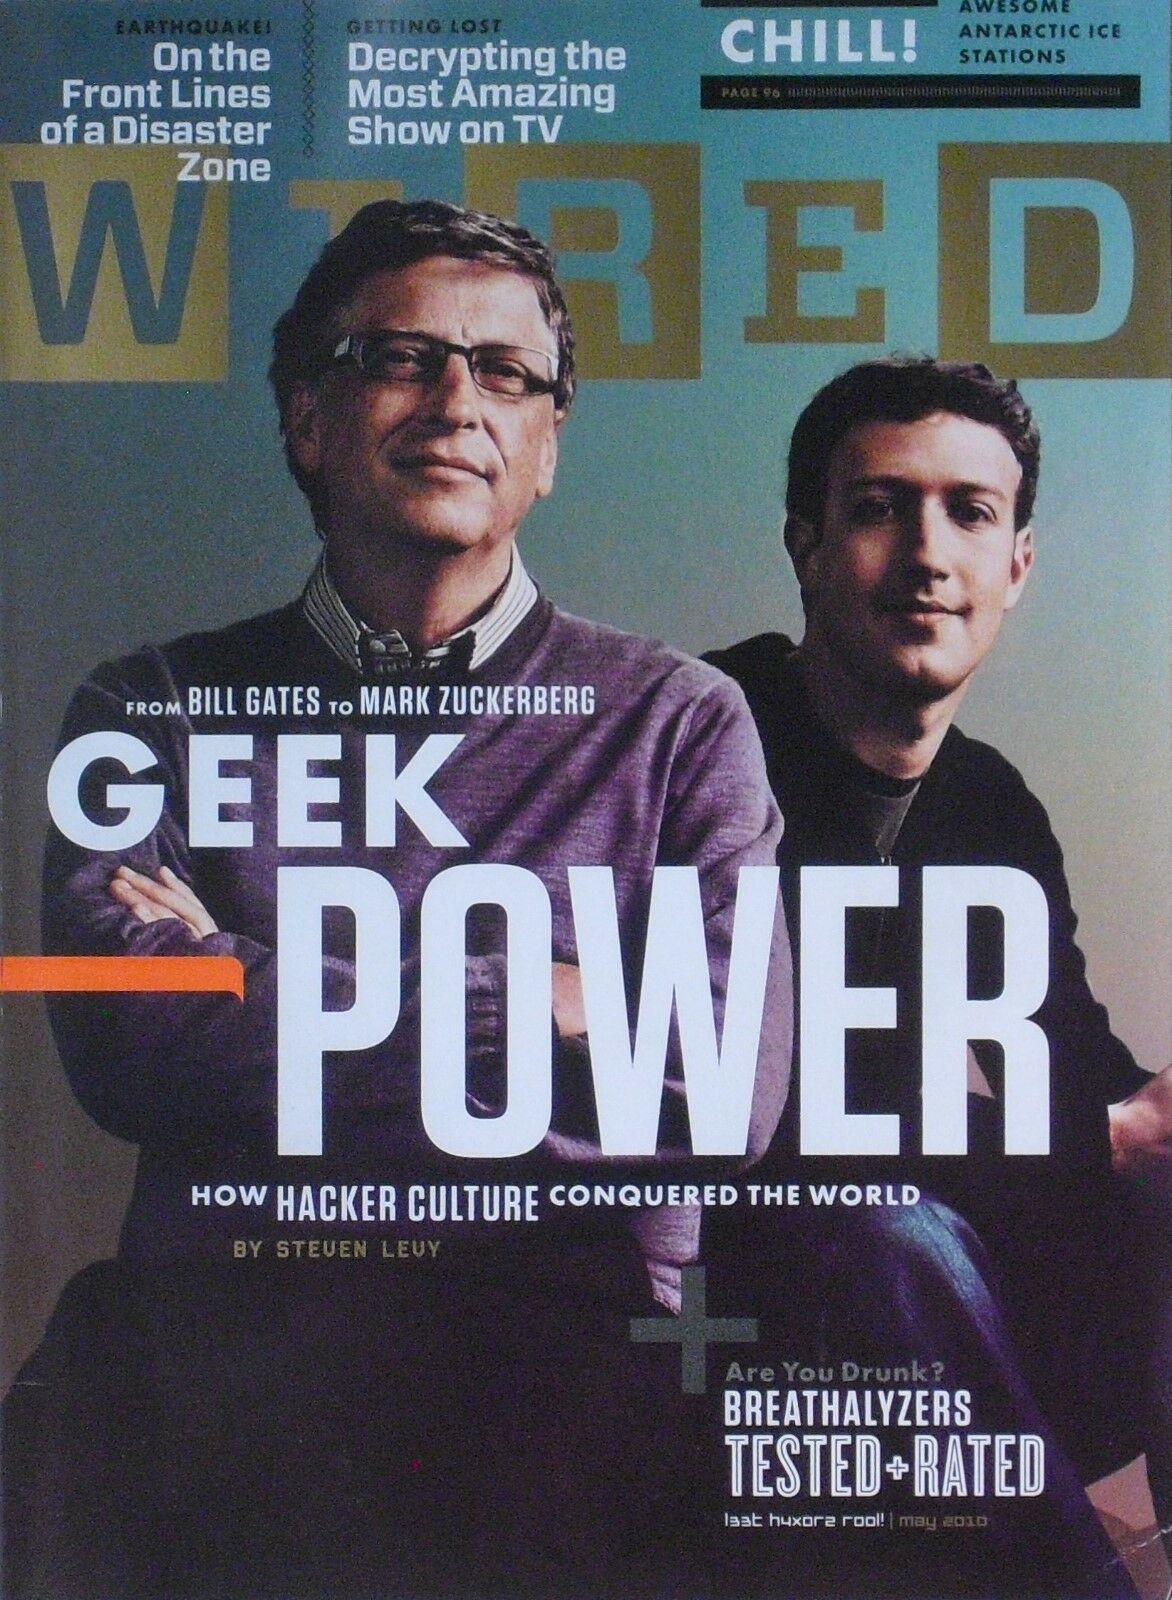 今天微软 45 岁,放下执念后,他跨越了时代|极客洞察